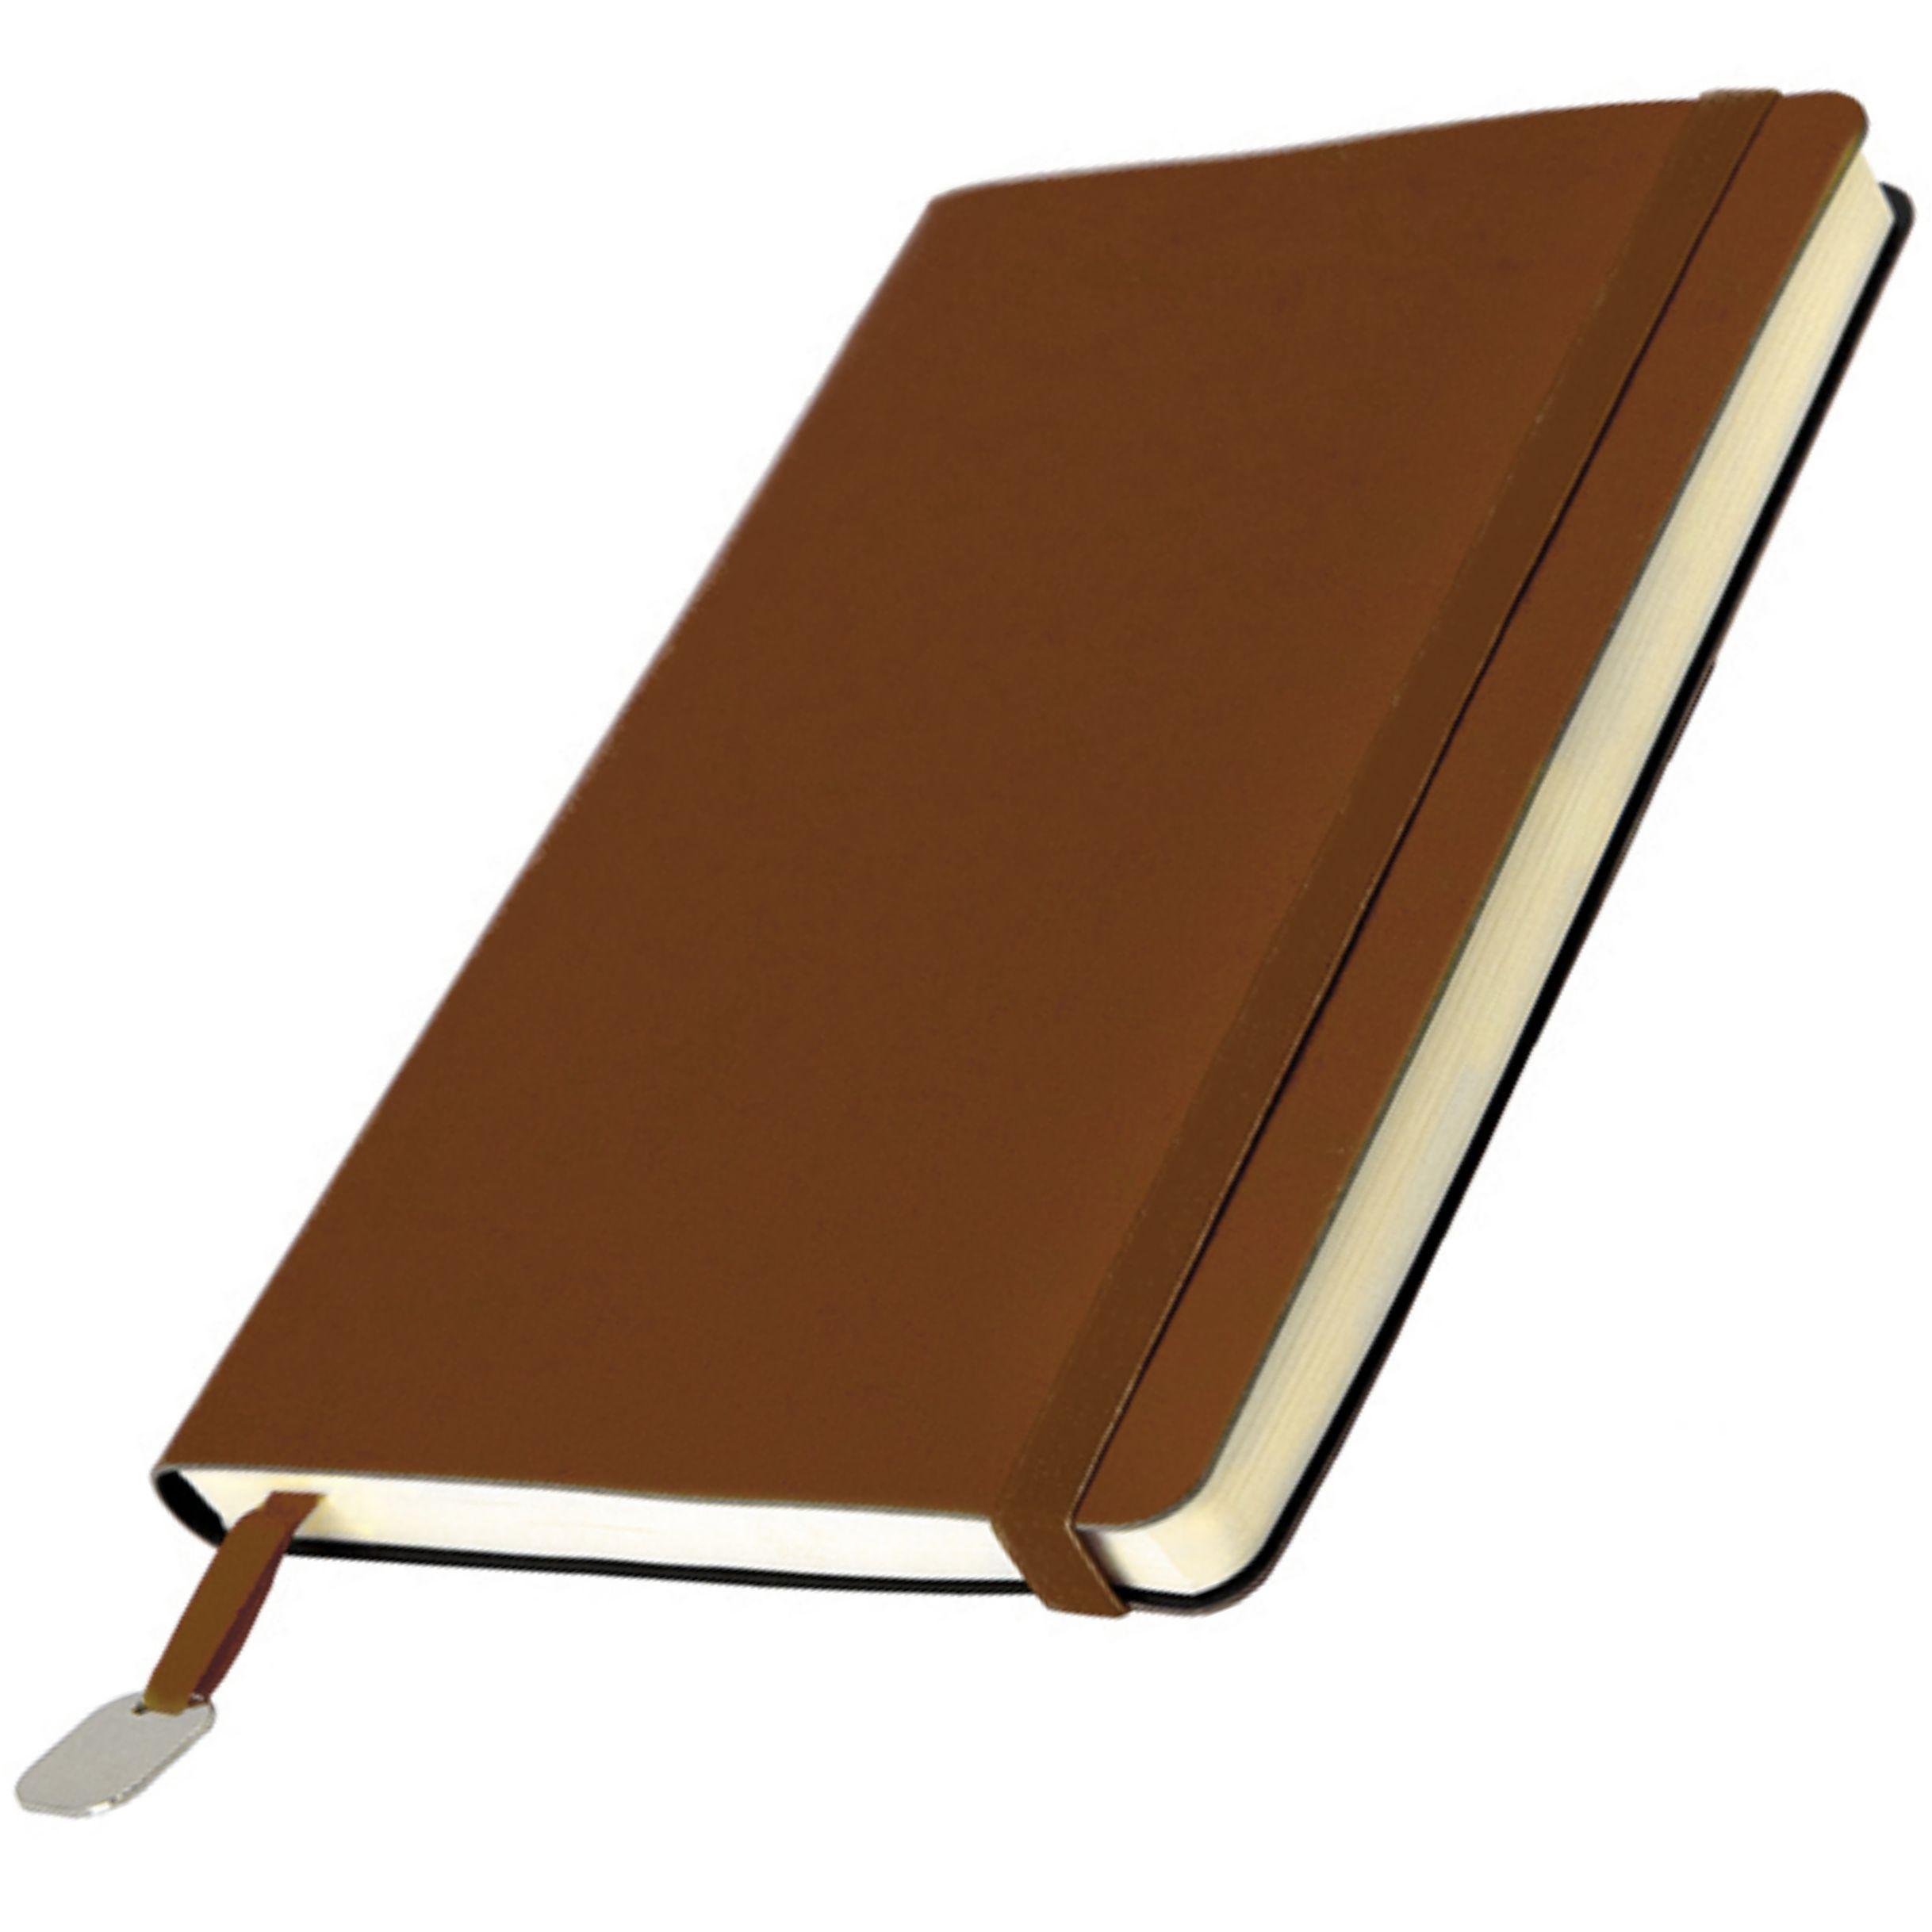 ежедневники с логотипом в мурманске